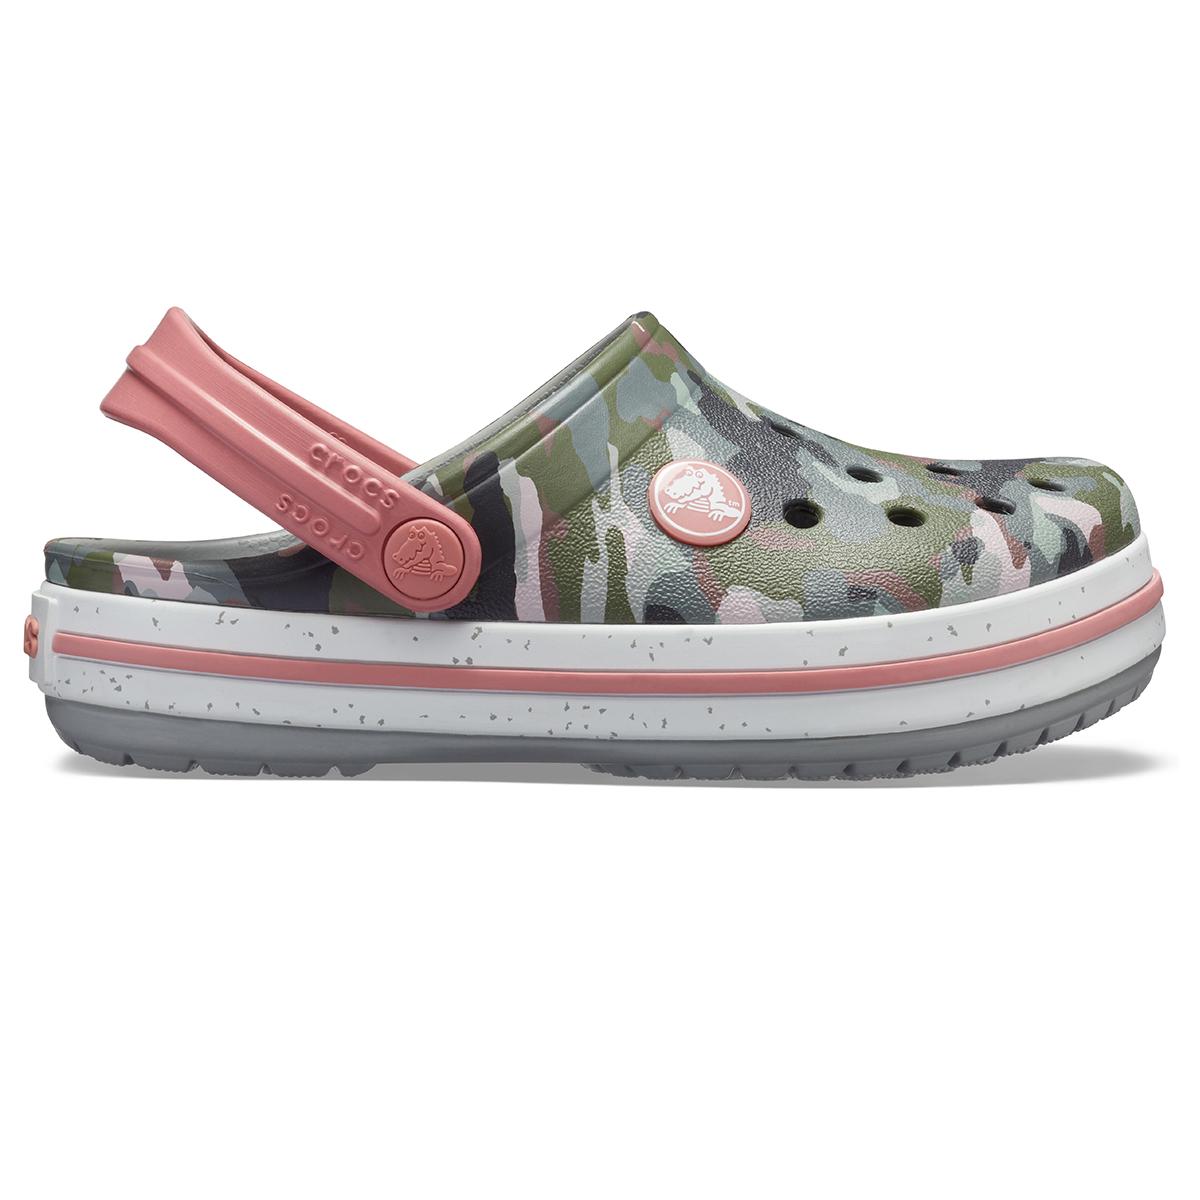 Crocs Crocband Camo Speck Clog K - Kamuflaj/Açık Gri